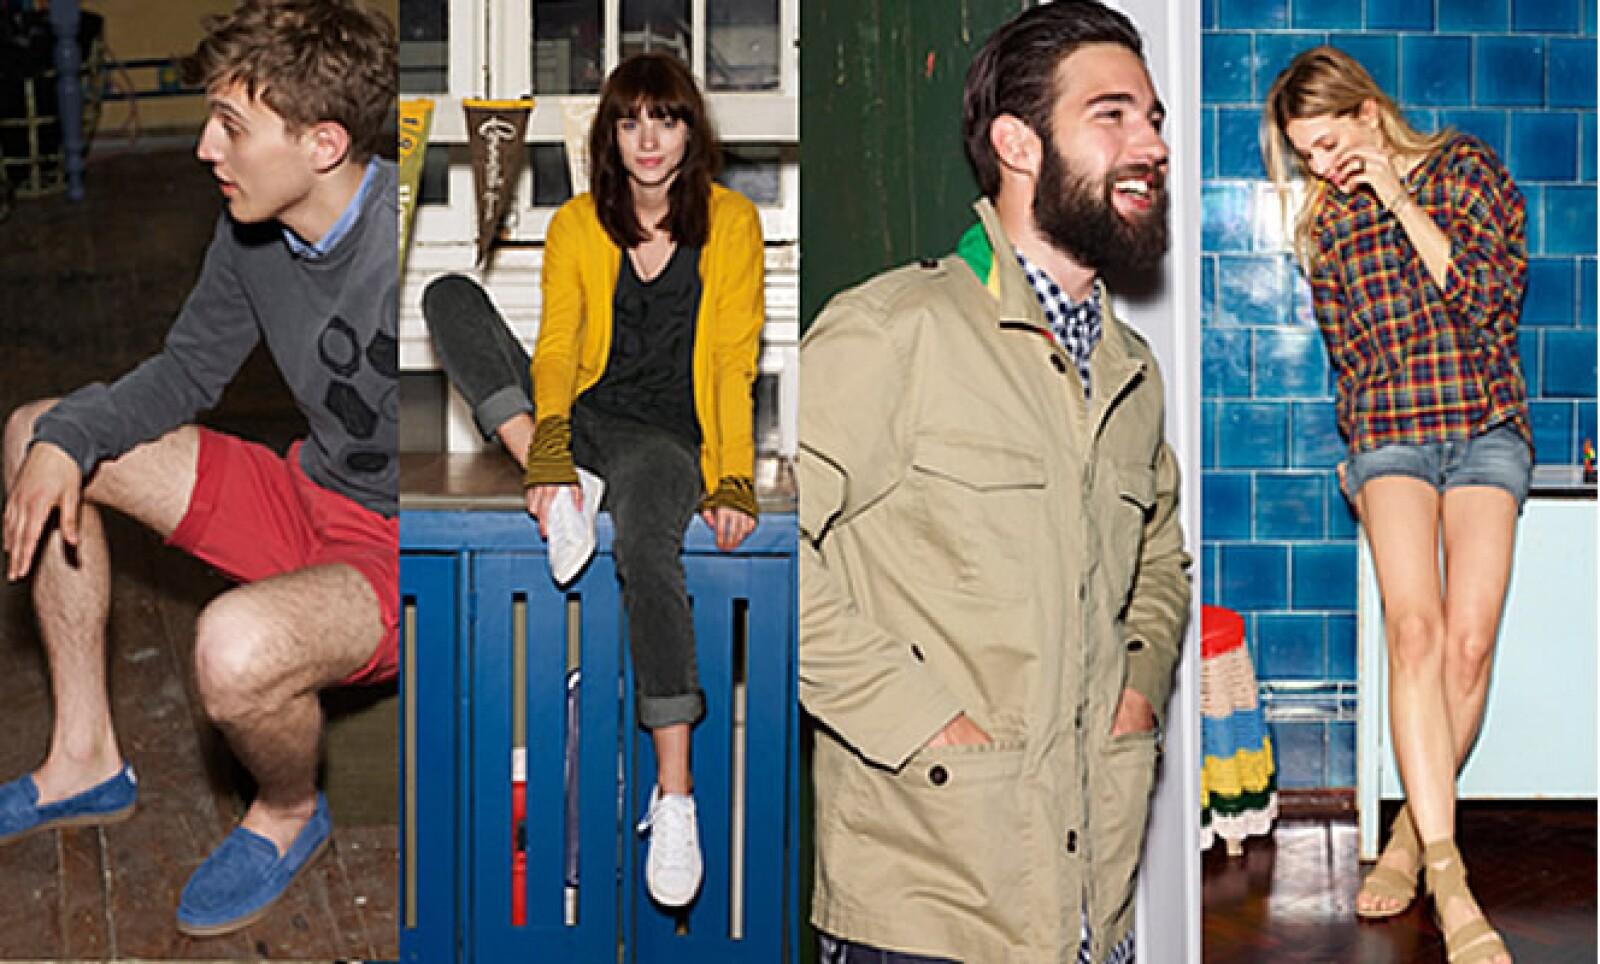 La firma deportiva presentó su Blue Collection, una ecléctica mezcla de los productos más llamativos que posee, listos para esta temporada.